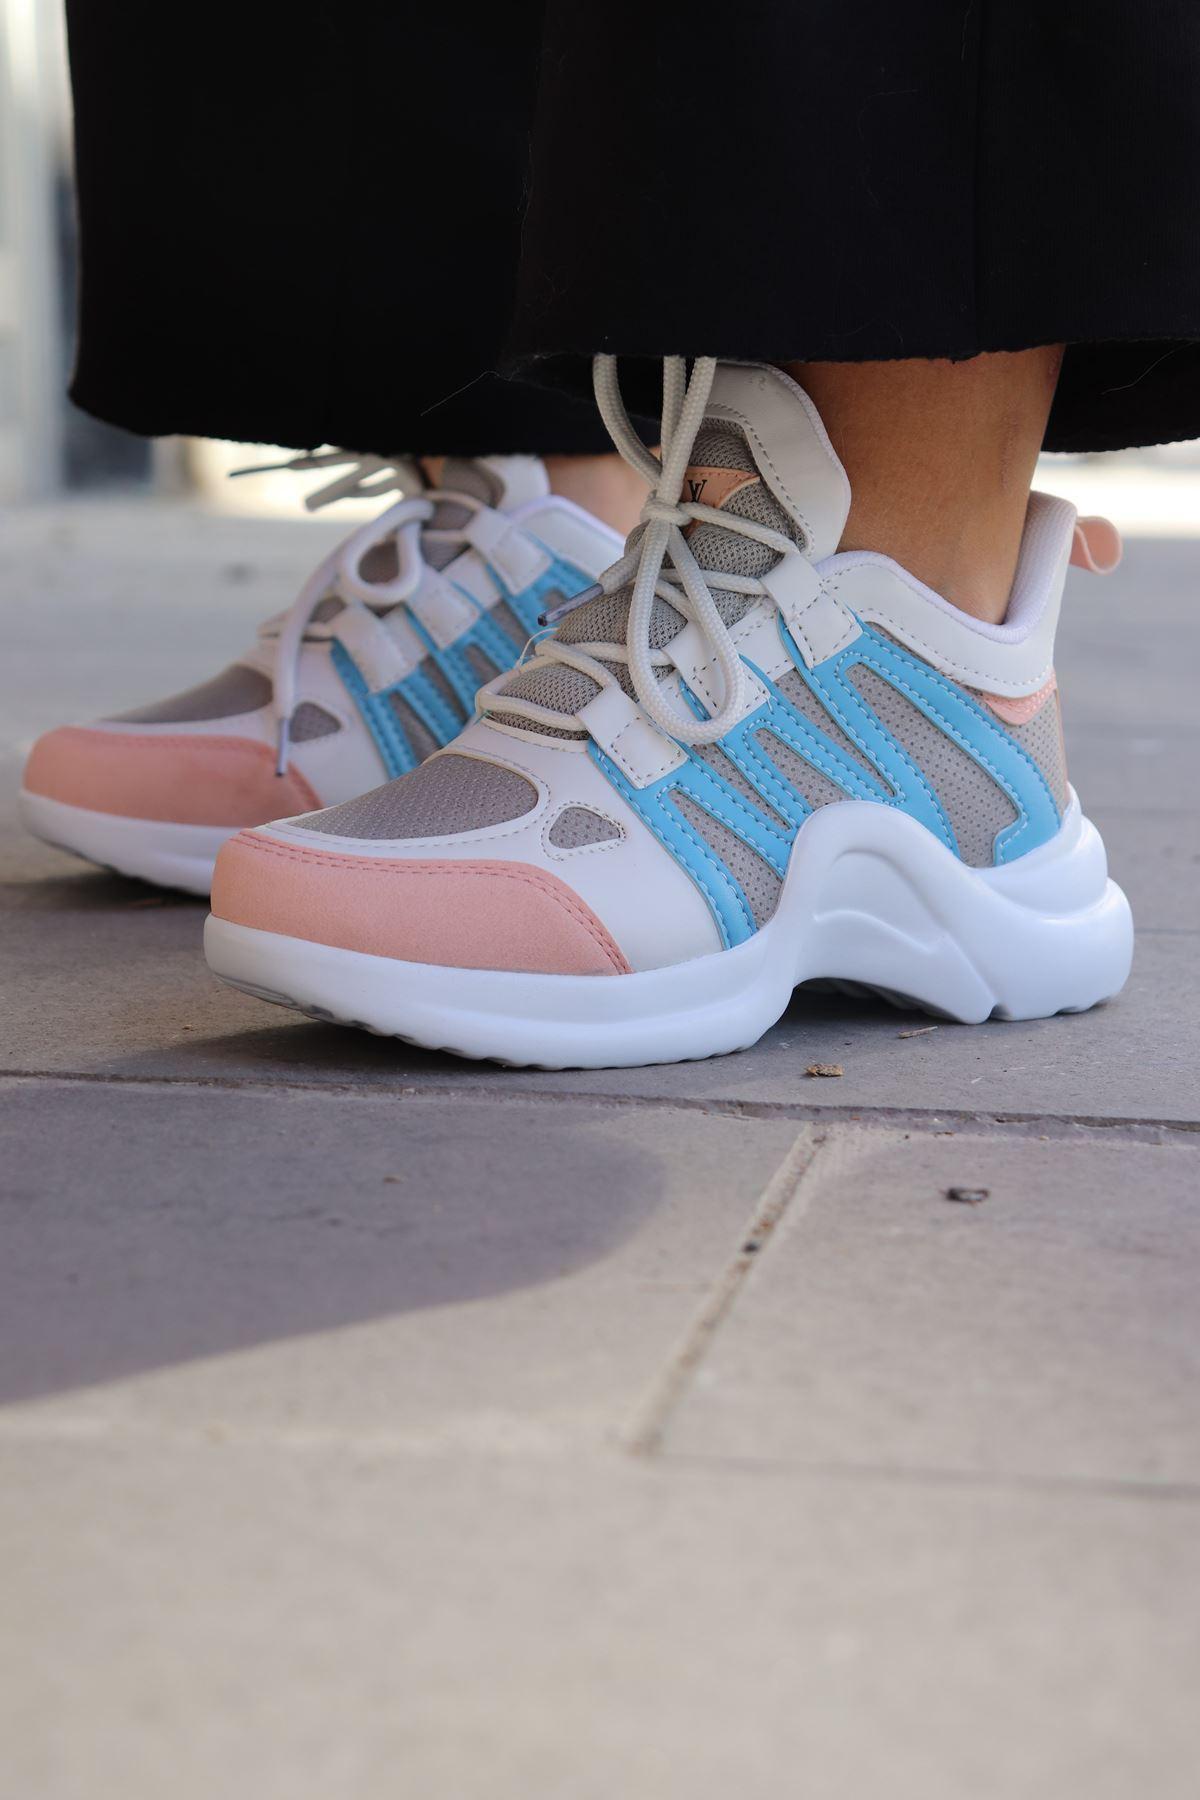 Trendayakkabı - Çift Renk Kalın Taban Kadın Spor Ayakkabısı